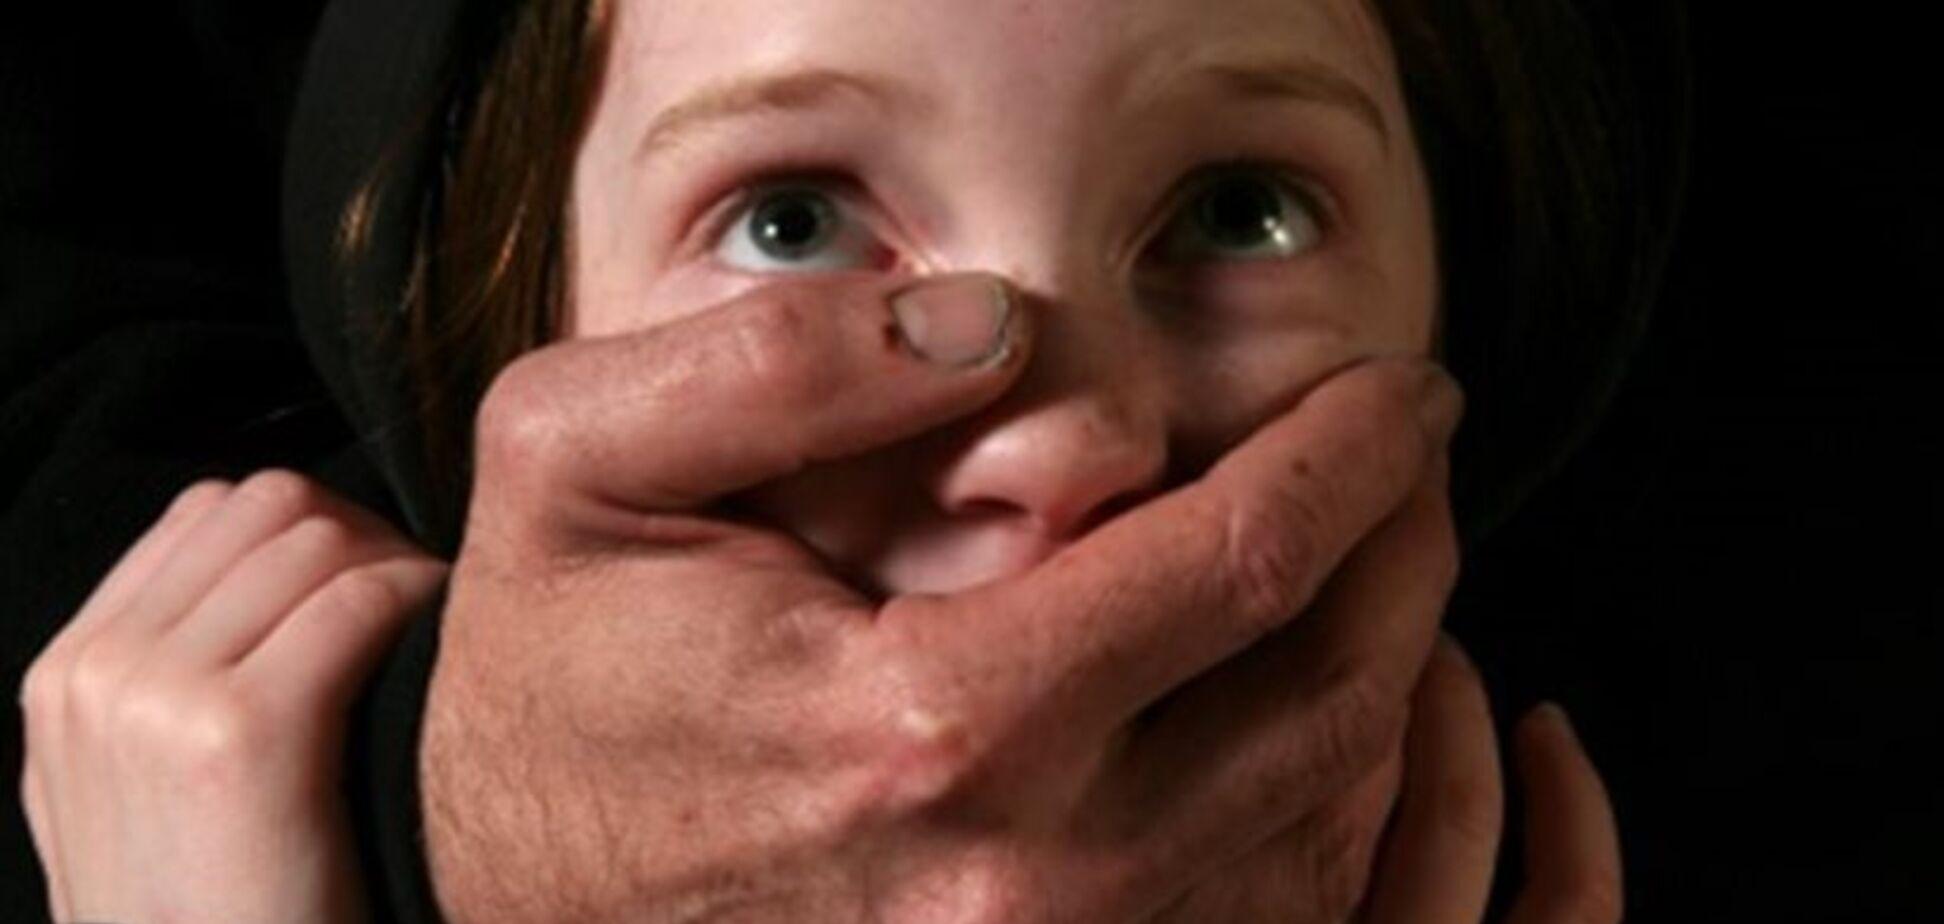 Хімічна кастрація або в'язниця: в Україні запропонували покарання для педофілів